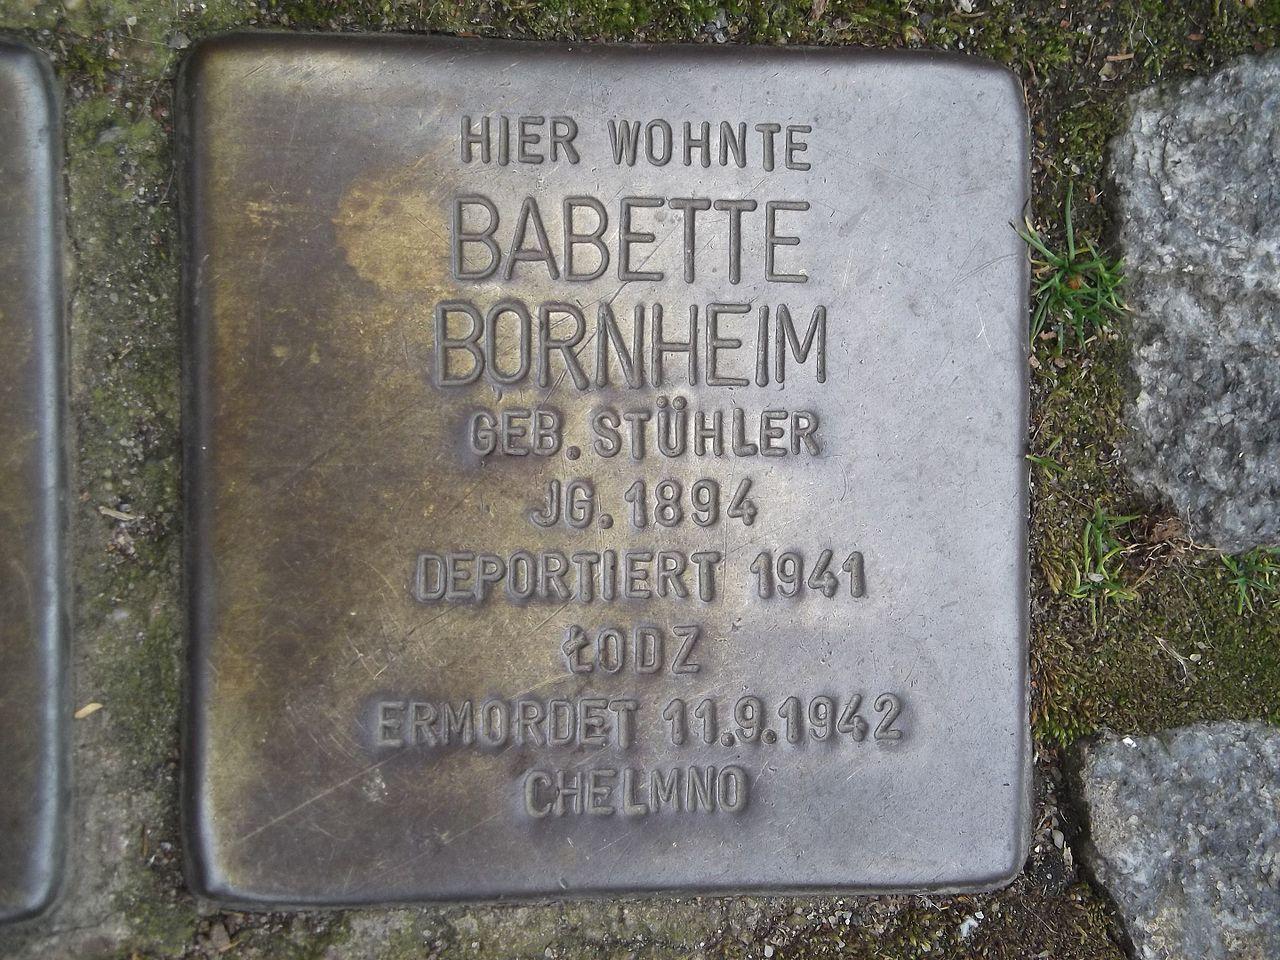 Stolperstein Düsseldorf 5 Kaiserswerth Kaiserswerther Markt 8 Babette Bornheim.jpg